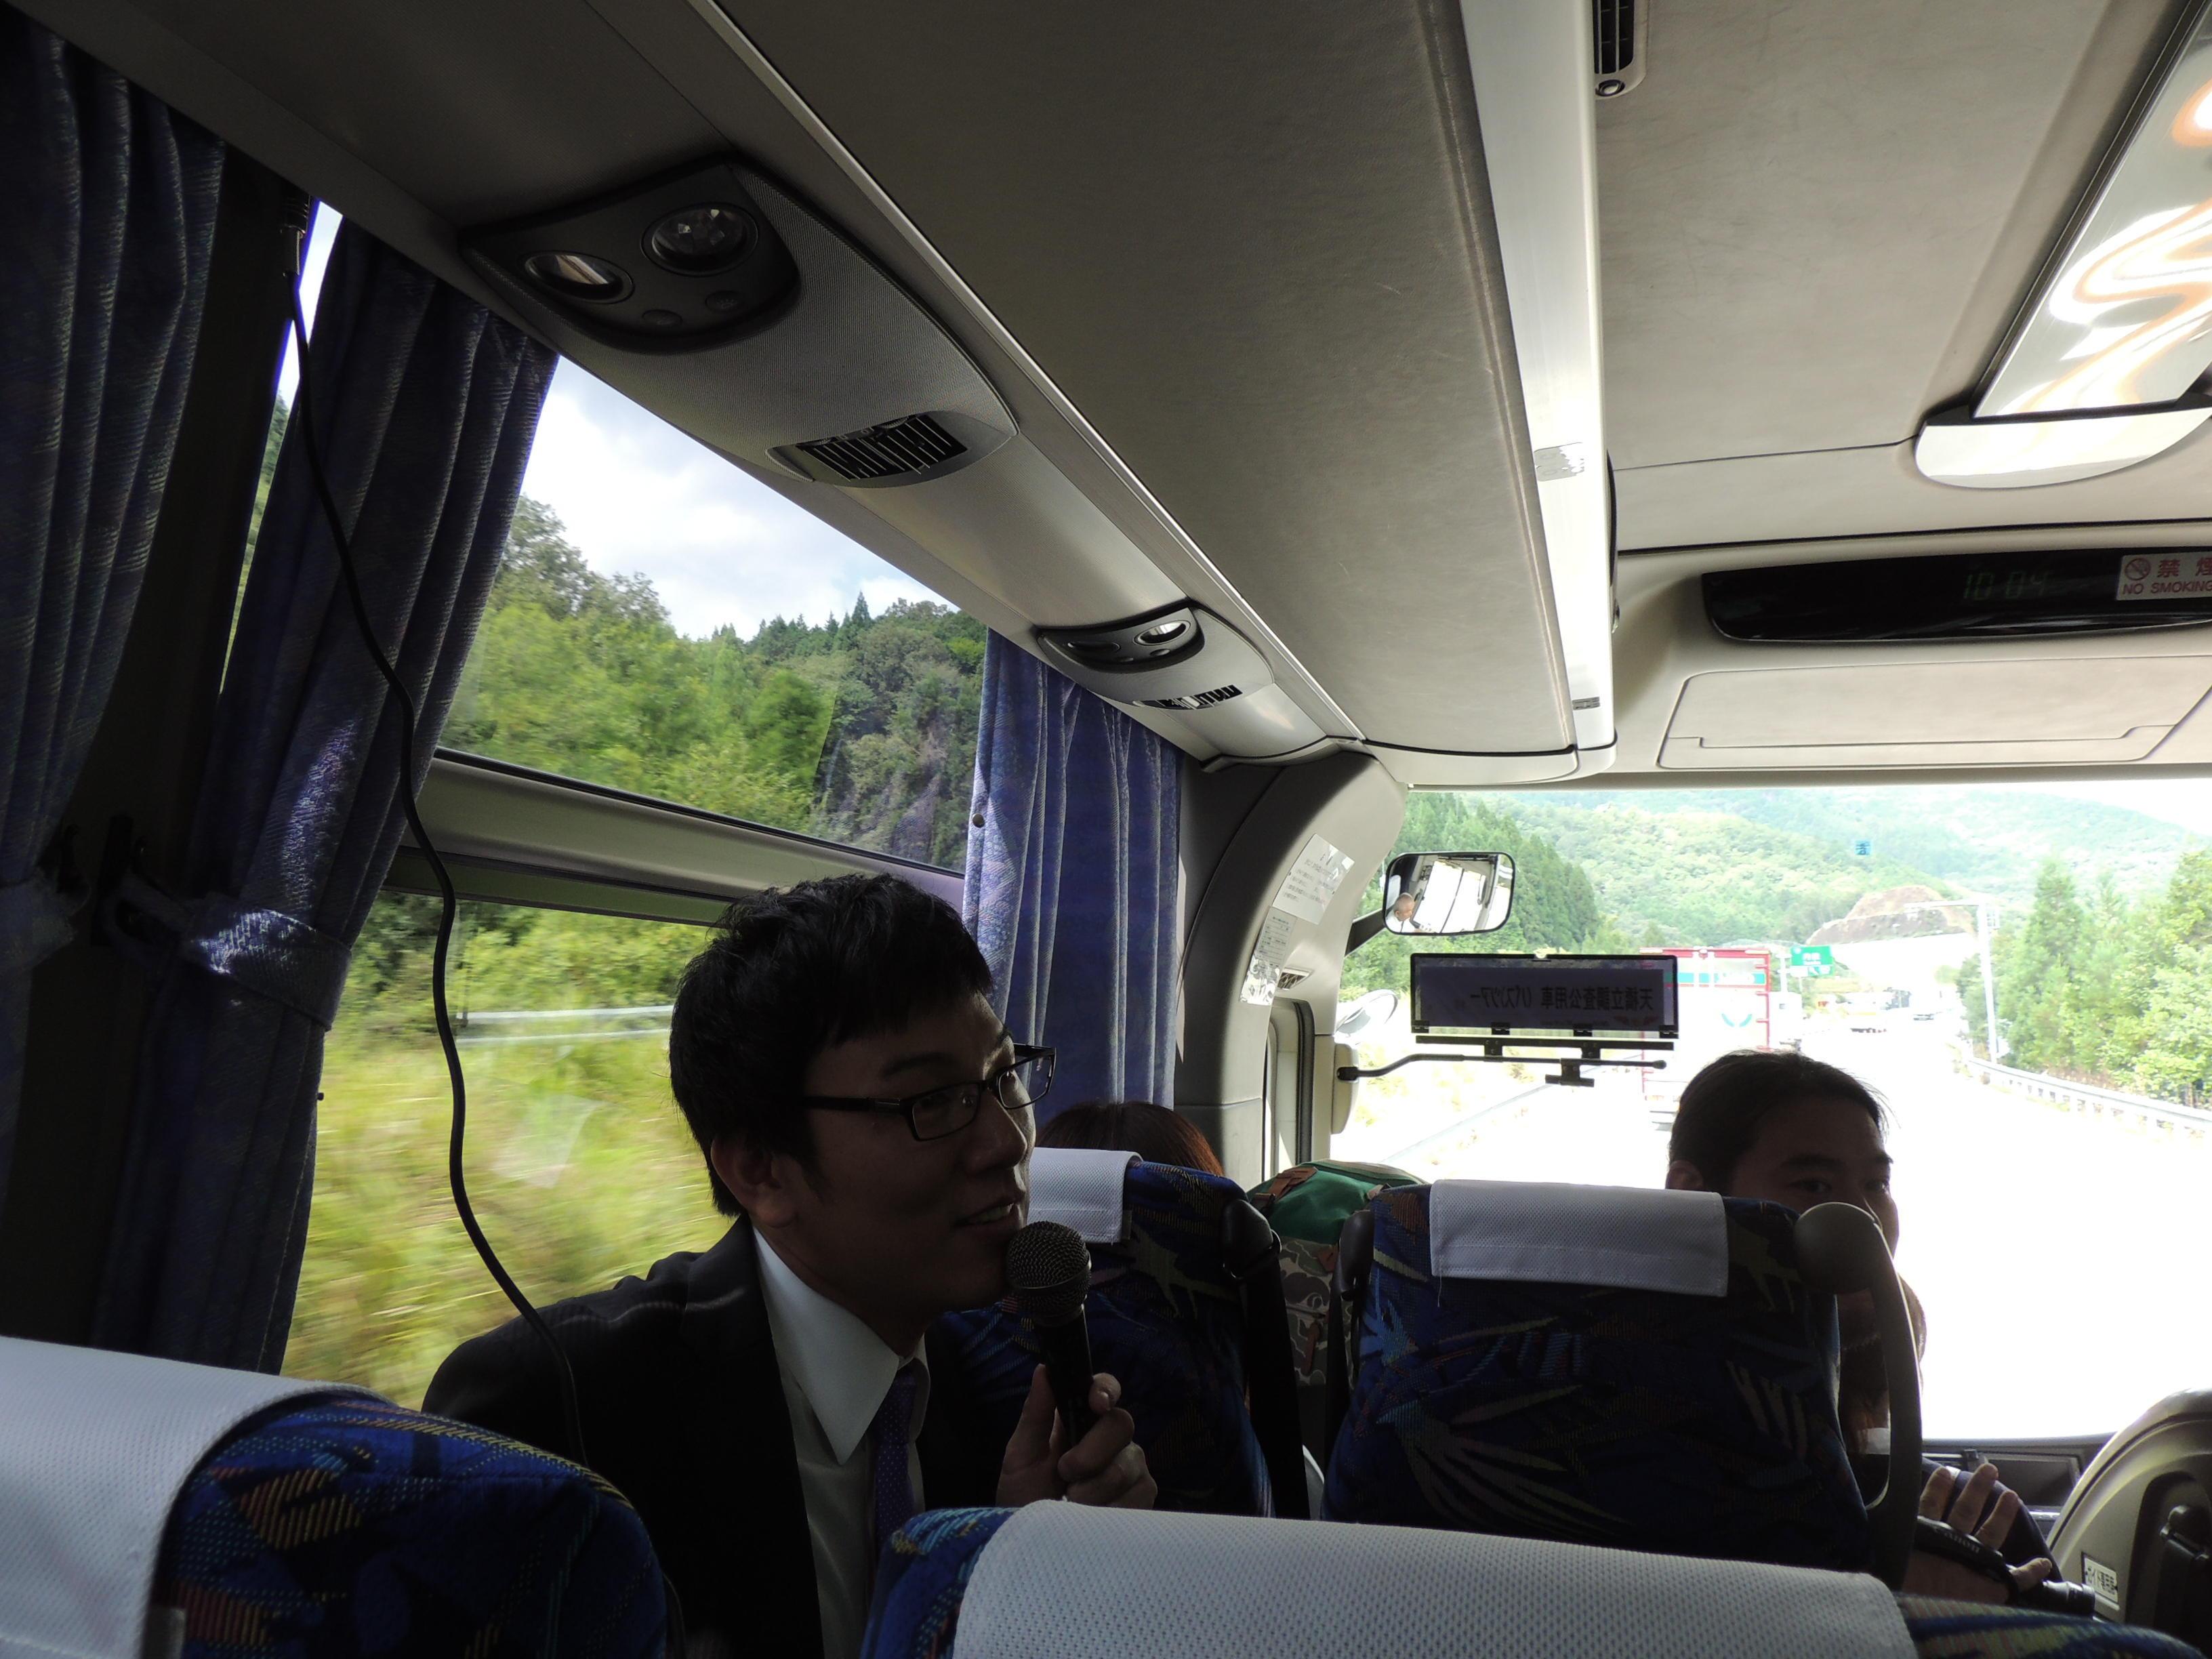 http://news.yoshimoto.co.jp/20160903205733-3947799abac1c1d37b88c29bfed51ffe74600384.jpg